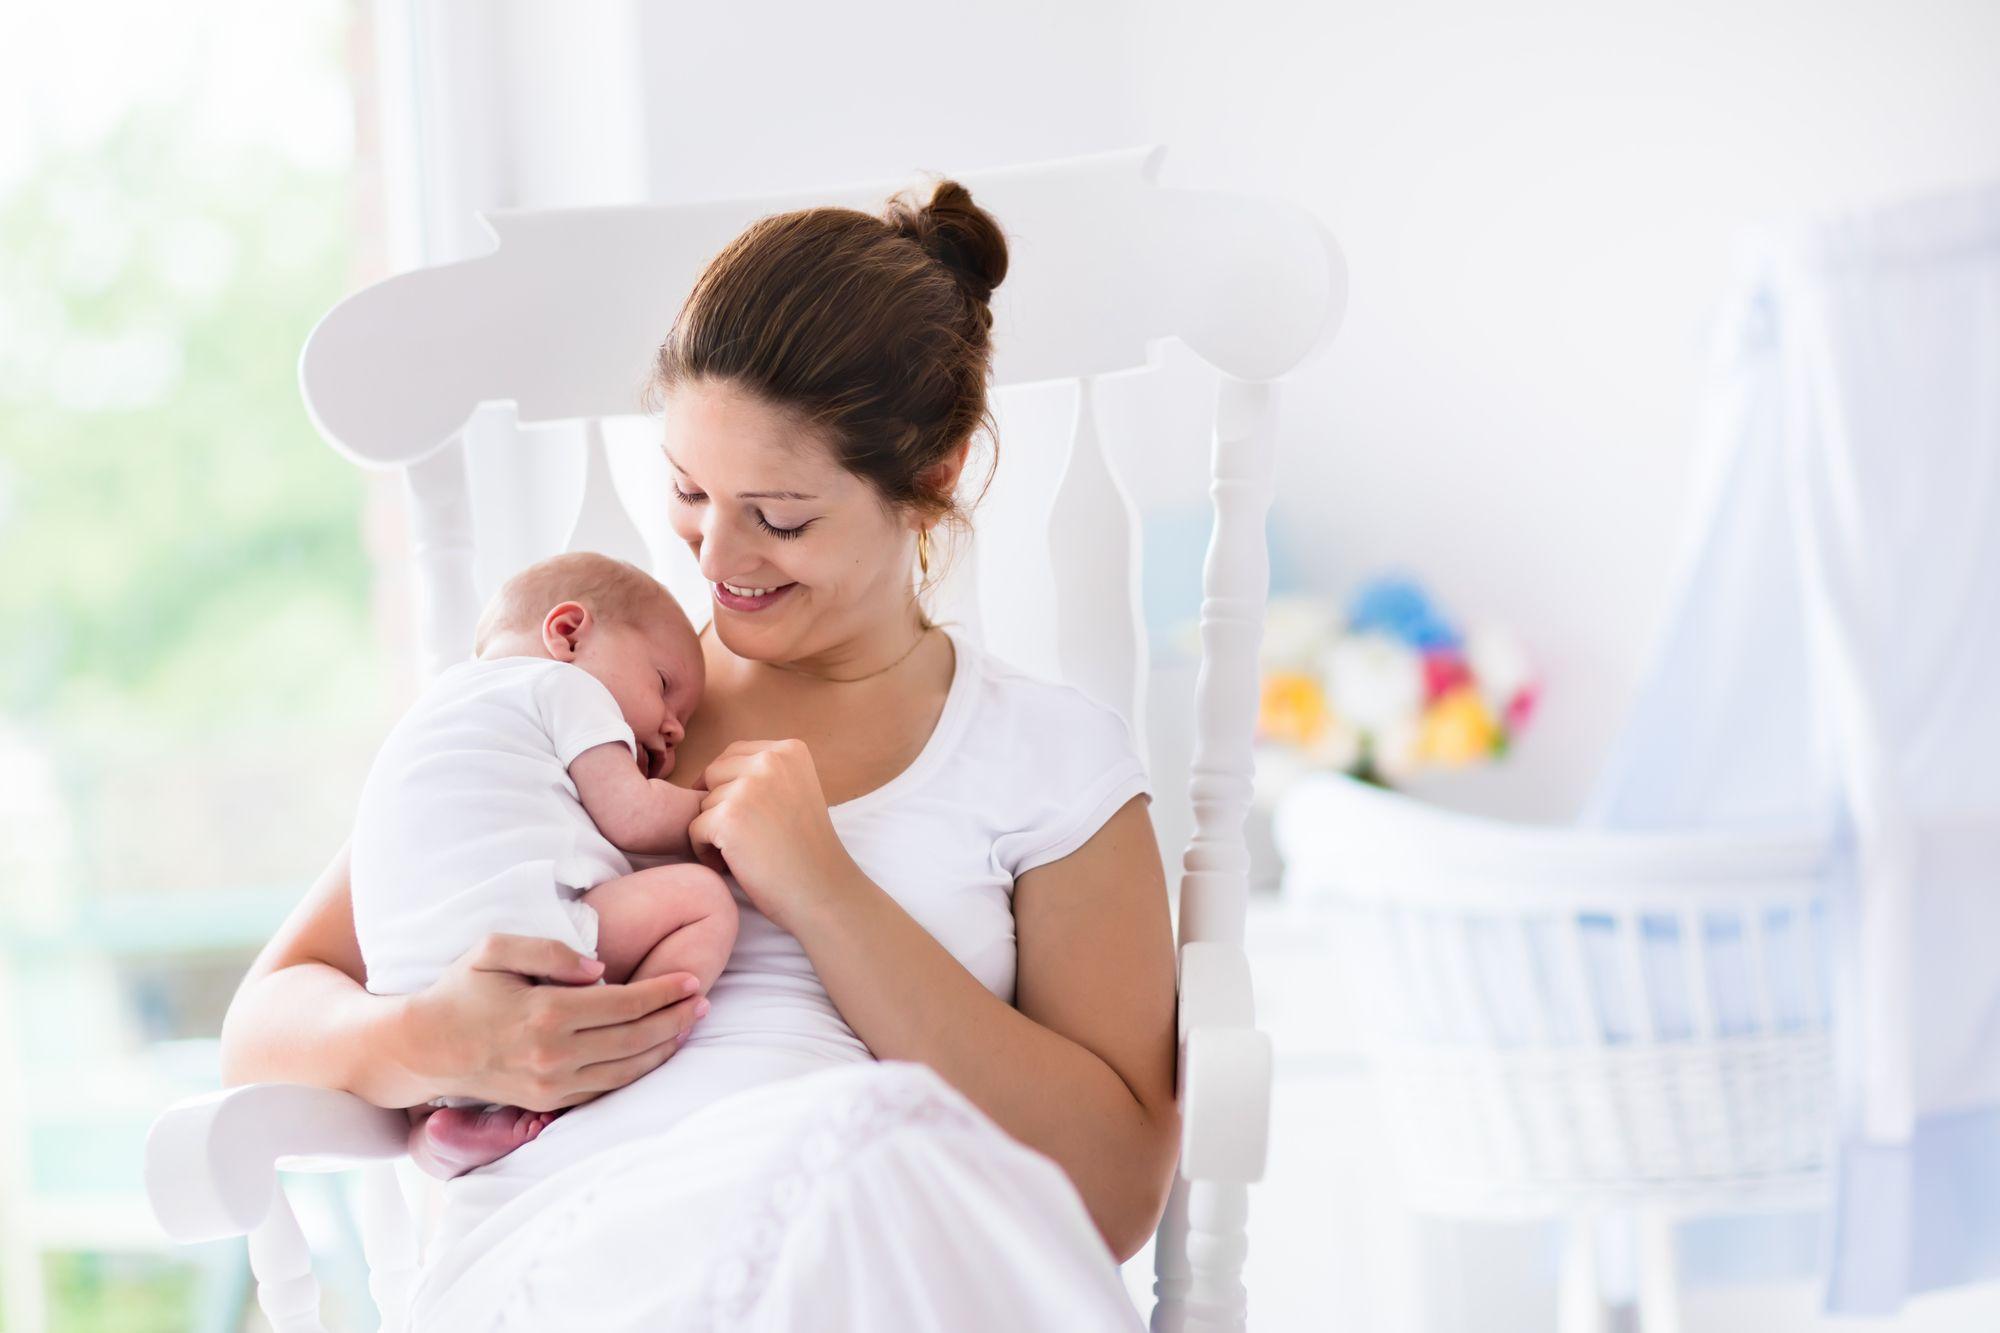 соответствии уставом как сделать чтоб было молоко после родов возникшим